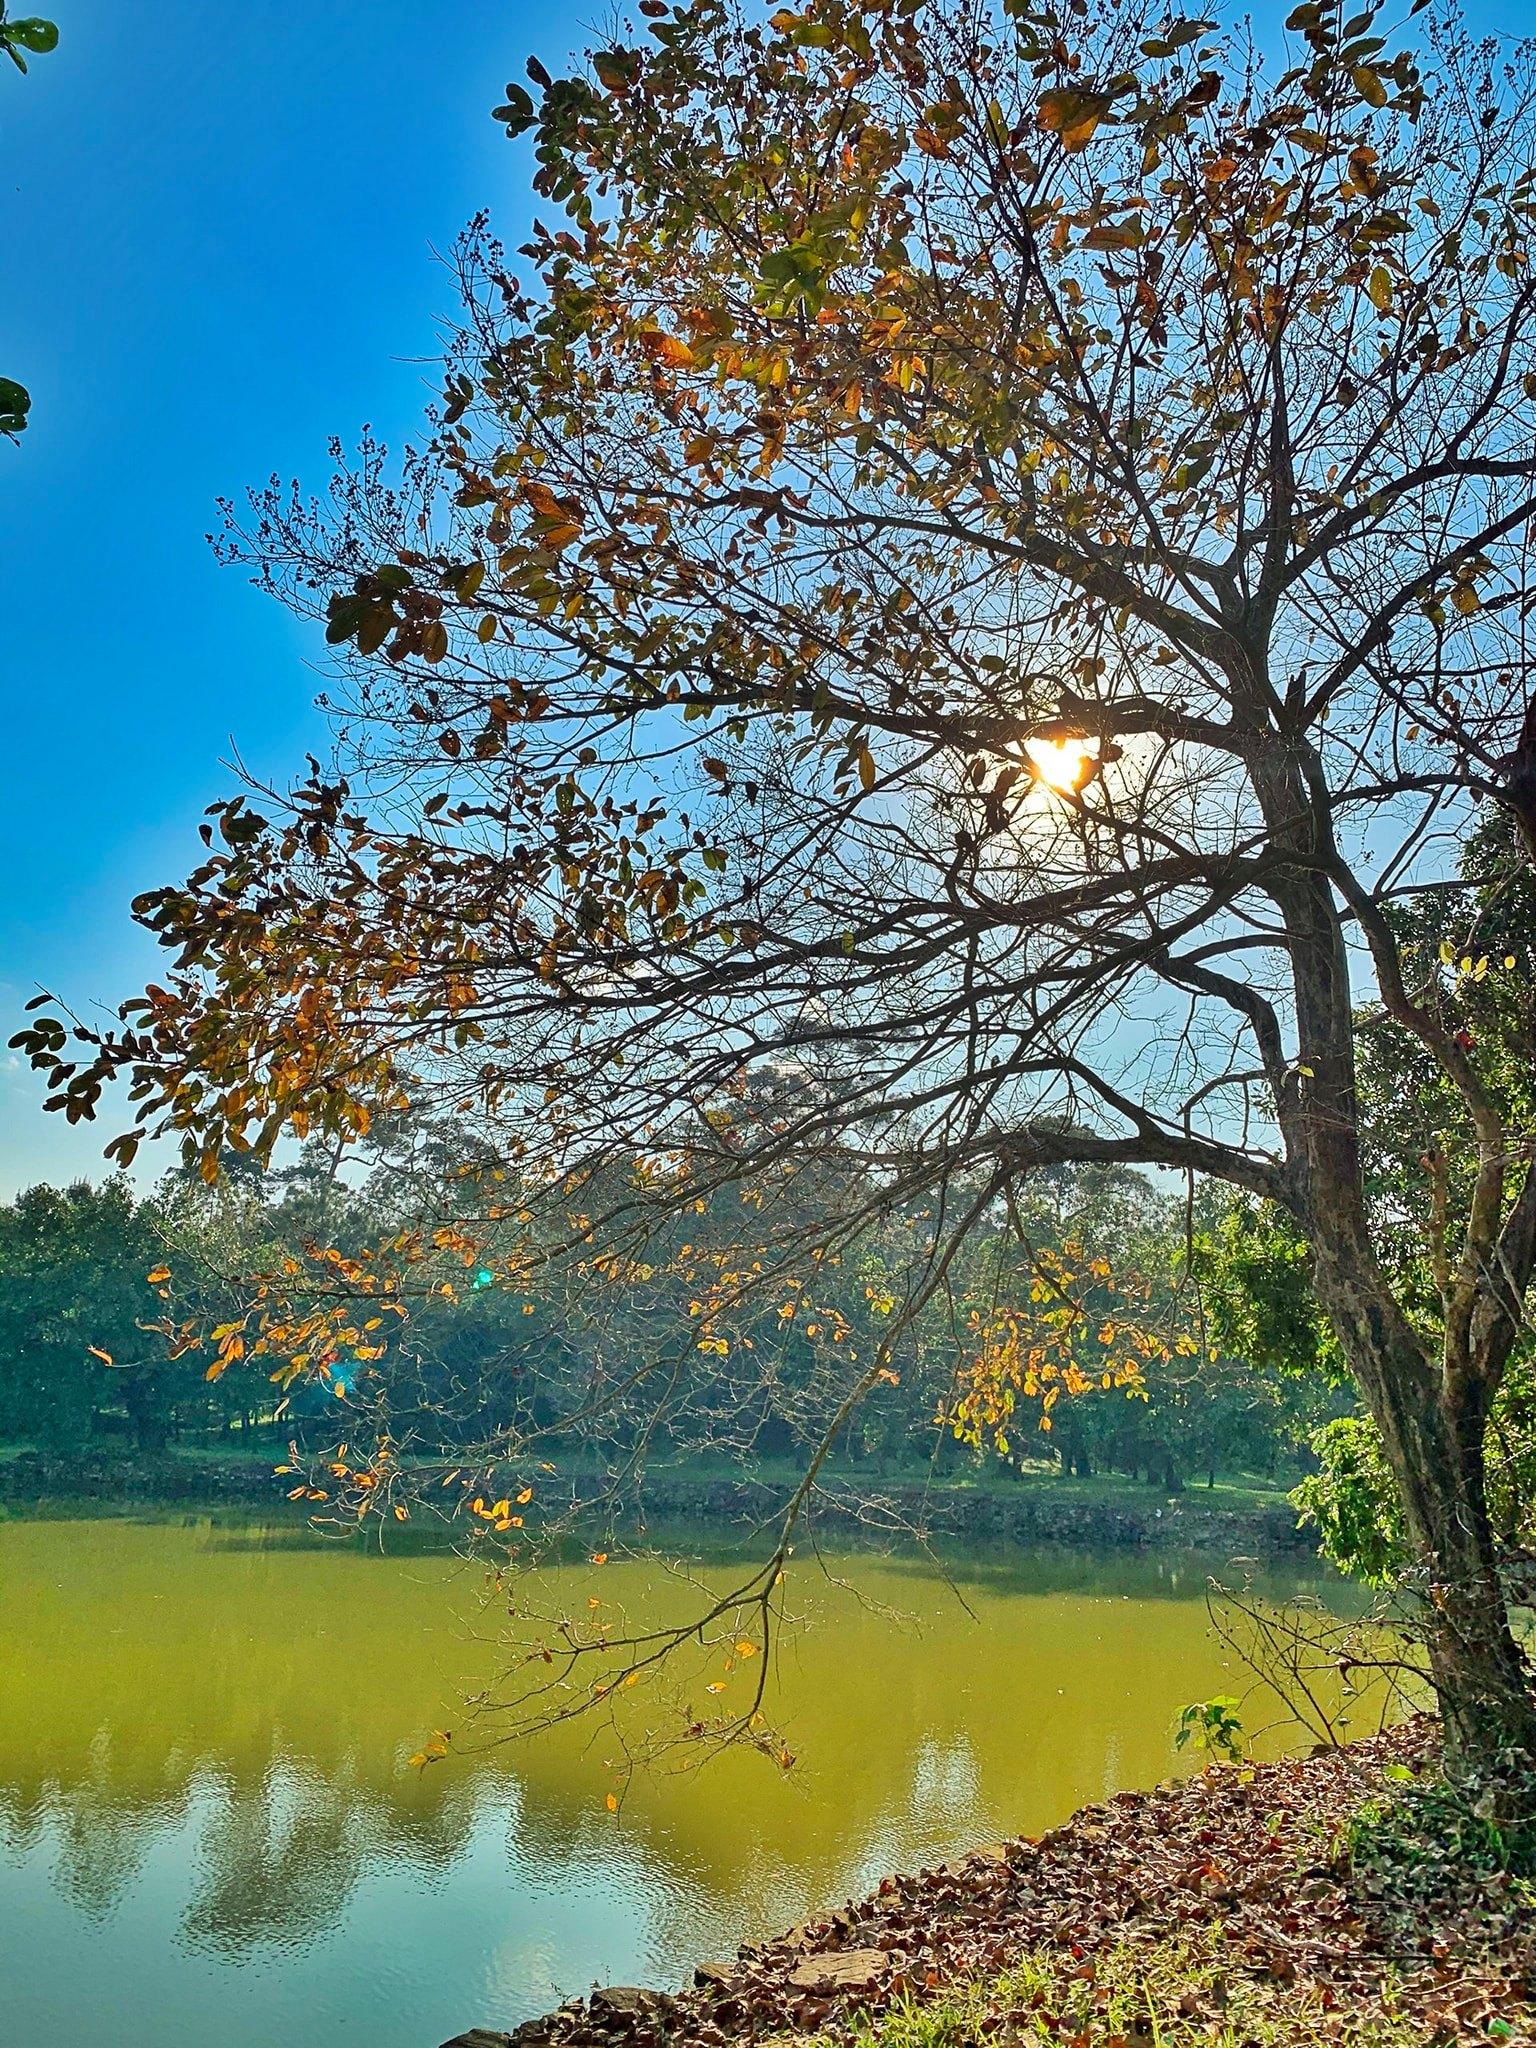 Hình ảnh đẹp về cây xanh